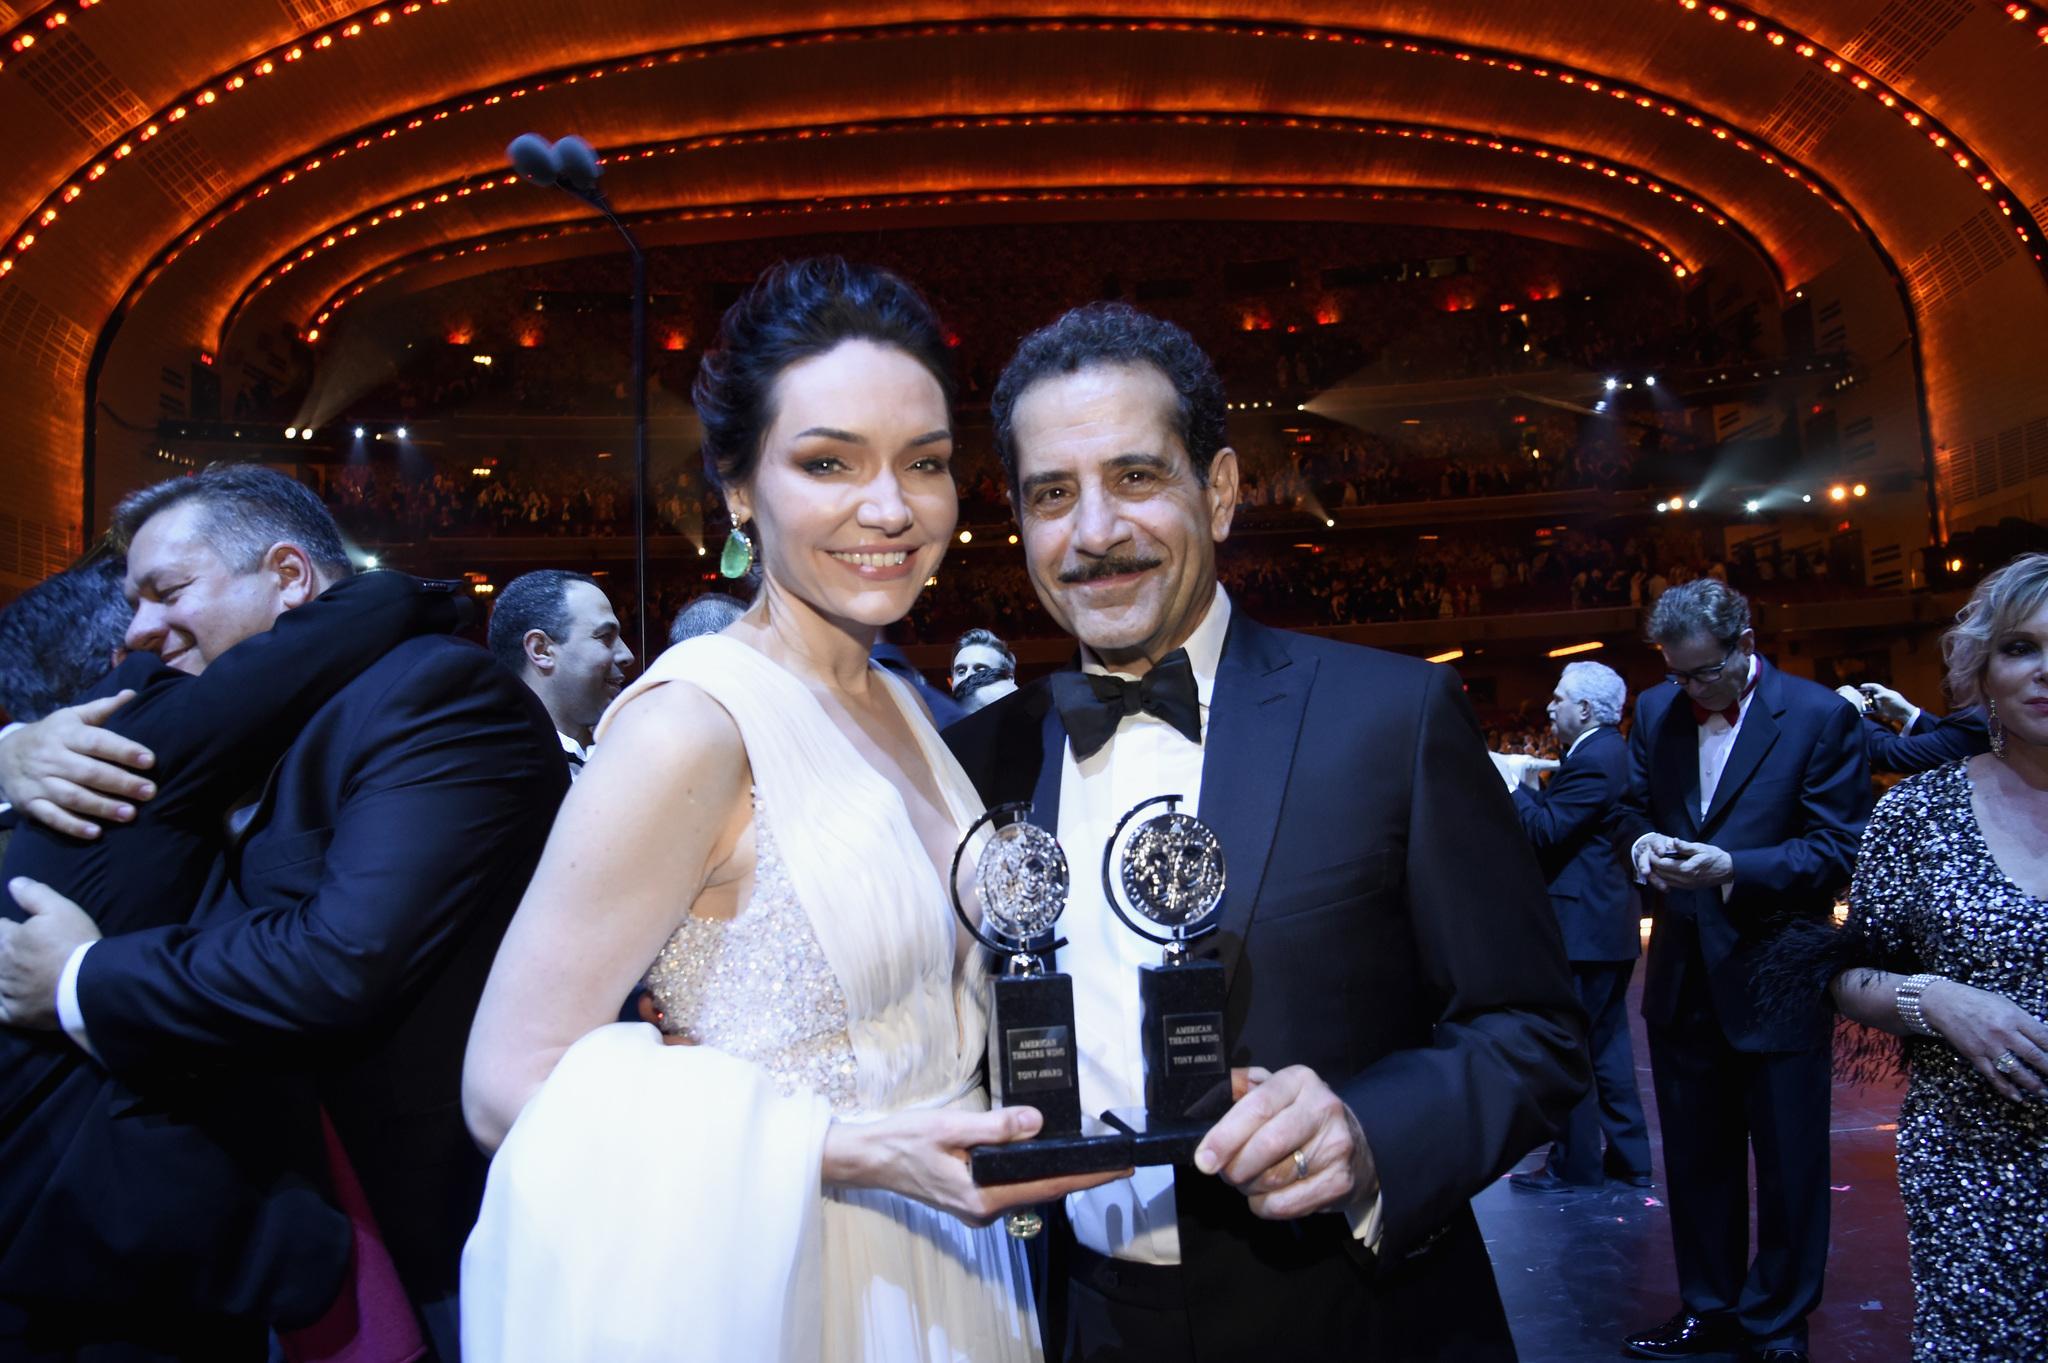 Tony Shalhoub and Katrina Lenk at an event for The 72nd Annual Tony Awards (2018)